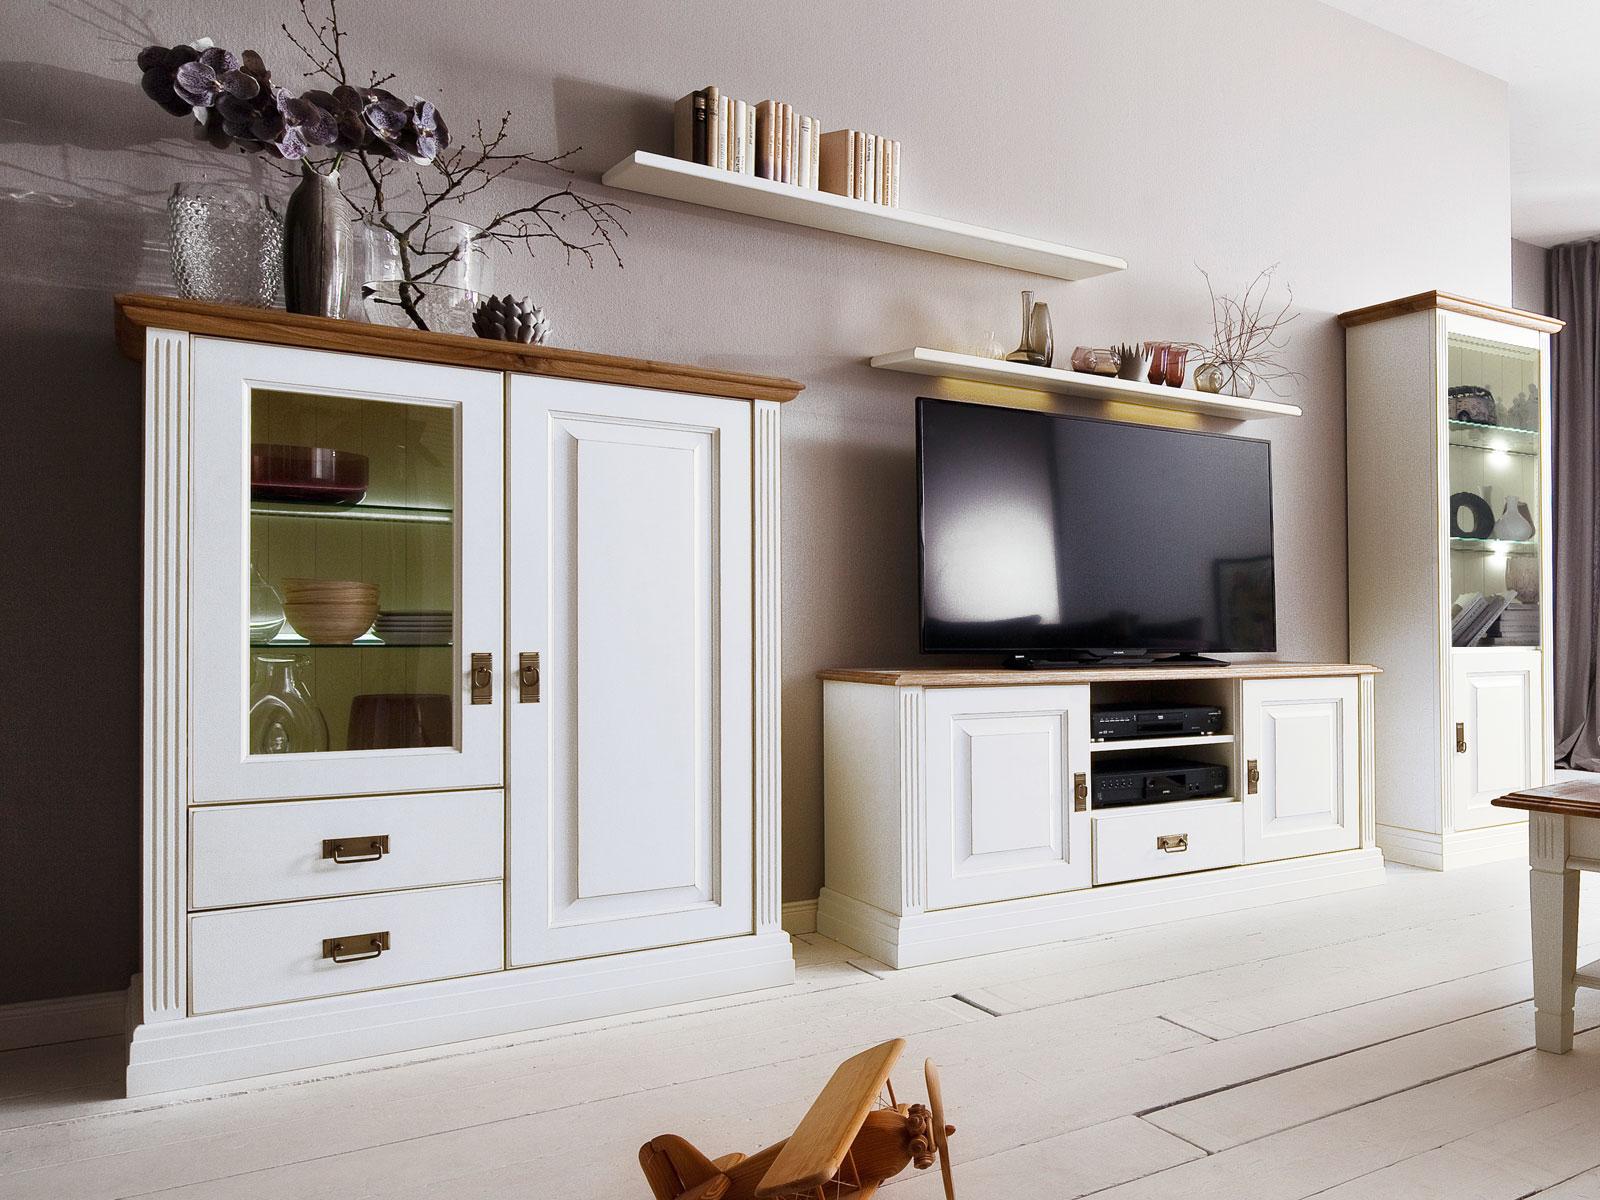 Full Size of Küche Kaufen Ikea Betten 160x200 Kosten Modulküche Sofa Mit Schlaffunktion Miniküche Bei Wohnzimmer Wohnzimmerschränke Ikea